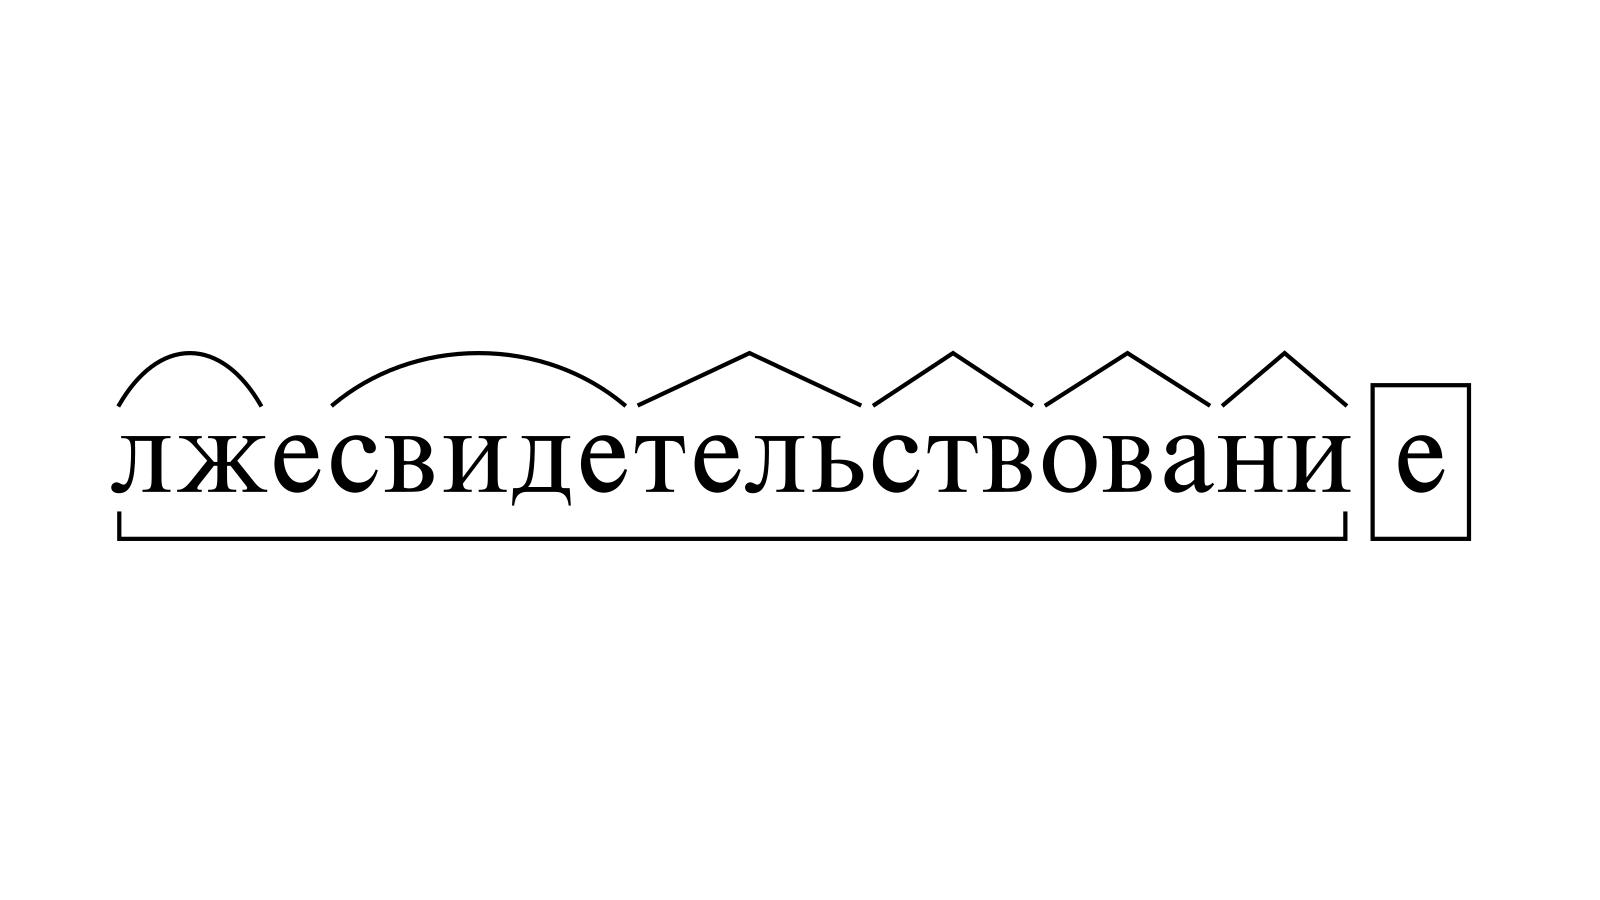 Разбор слова «лжесвидетельствование» по составу